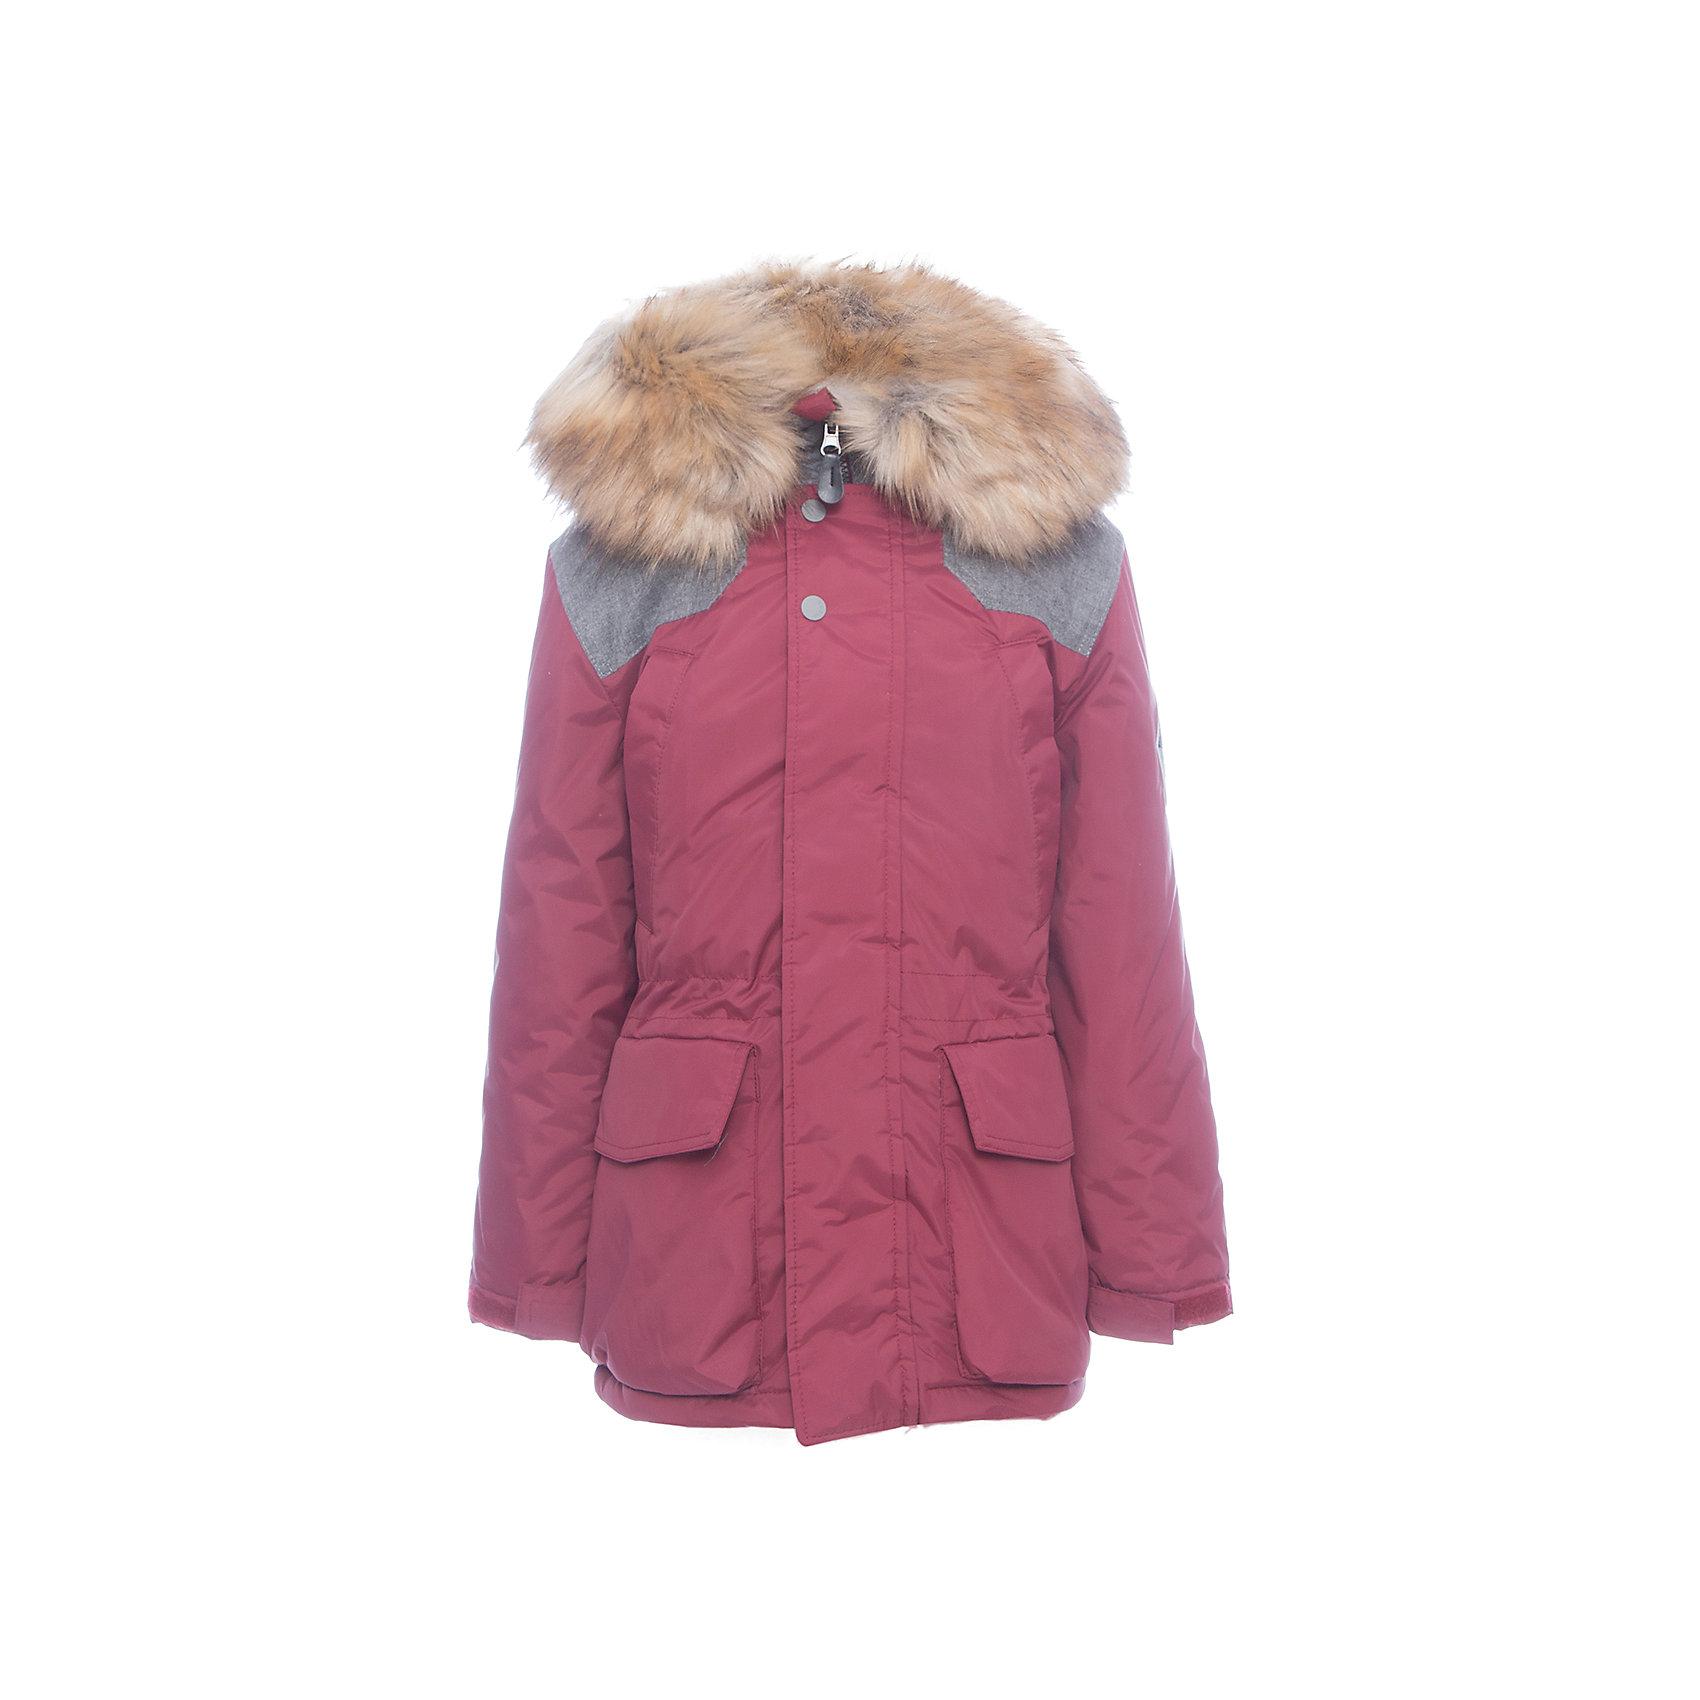 Куртка BOOM by Orby для мальчикаВерхняя одежда<br>Характеристики товара:<br><br>• цвет: красный<br>• состав ткани: таффета<br>• подкладка: полиэстер стеганый<br>• утеплитель: Flexy Fiber, эко-синтепон<br>• сезон: зима<br>• мембранное покрытие<br>• температурный режим: от 0 до -30С<br>• водонепроницаемость: 3000 мм <br>• паропроницаемость: 3000 г/м2<br>• плотность утеплителя: 200 г/м2<br>• капюшон: с мехом<br>• застежка: молния<br>• куртка-пристежка в комплекте<br>• страна бренда: Россия<br>• страна изготовитель: Россия<br><br>Модная теплая куртка дополнена внутренне пристежкой для утепления в морозы. Зимняя куртка для ребенка поможет обеспечить необходимый уровень утепления. Детская куртка дополнена удобным капюшоном, планкой от ветра и карманами. Плотная ткань и утеплитель зимней куртки надежно защищает от мороза. <br><br>Куртку для мальчика BOOM by Orby (Бум бай Орби) можно купить в нашем интернет-магазине.<br><br>Ширина мм: 356<br>Глубина мм: 10<br>Высота мм: 245<br>Вес г: 519<br>Цвет: красный<br>Возраст от месяцев: 168<br>Возраст до месяцев: 180<br>Пол: Мужской<br>Возраст: Детский<br>Размер: 170,98,104,110,116,122,128,134,140,146,152,158,164<br>SKU: 7090841